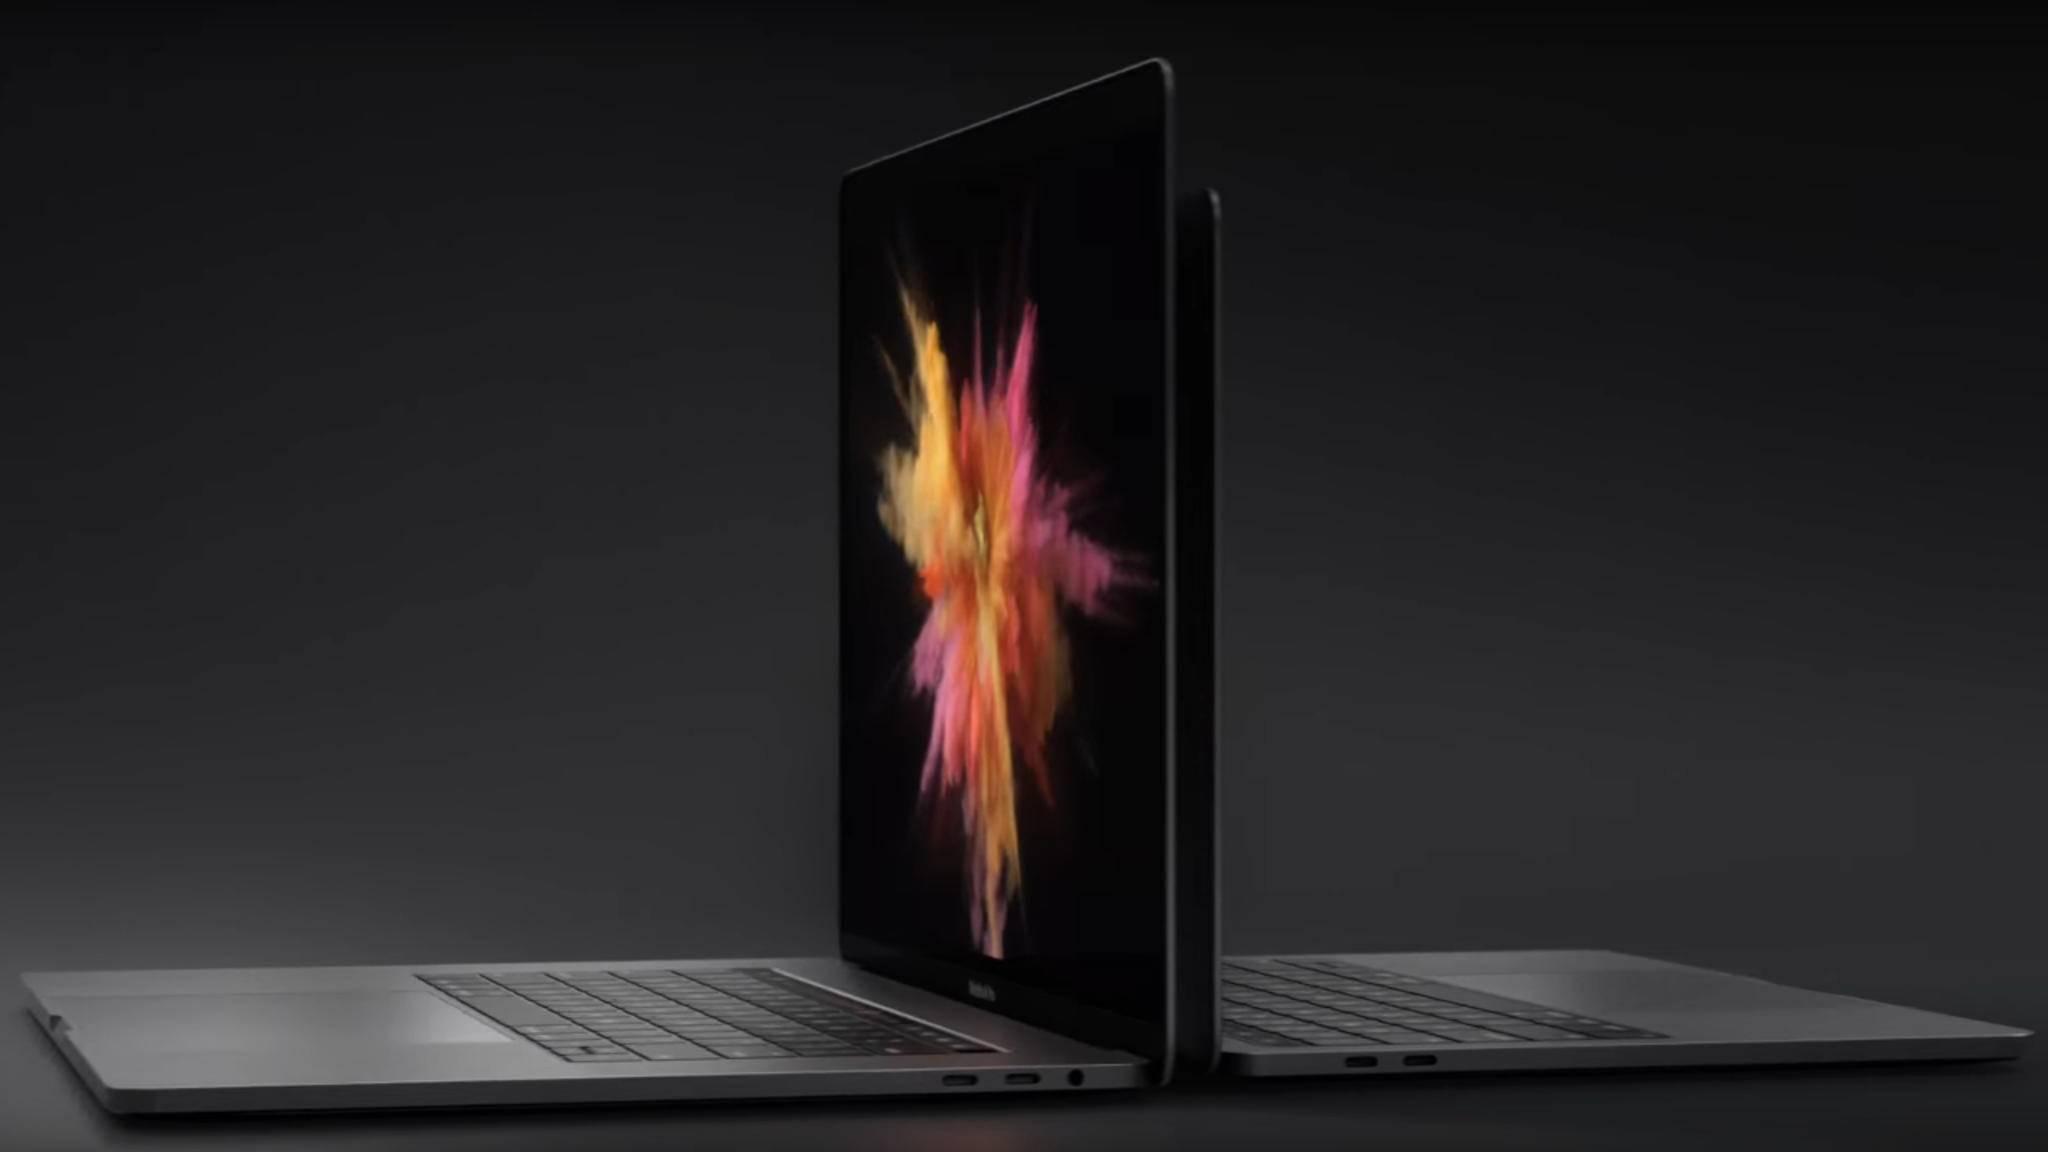 Einige MacBook-Pro-Modelle wurden von den Fluggesellschaften gebannt.